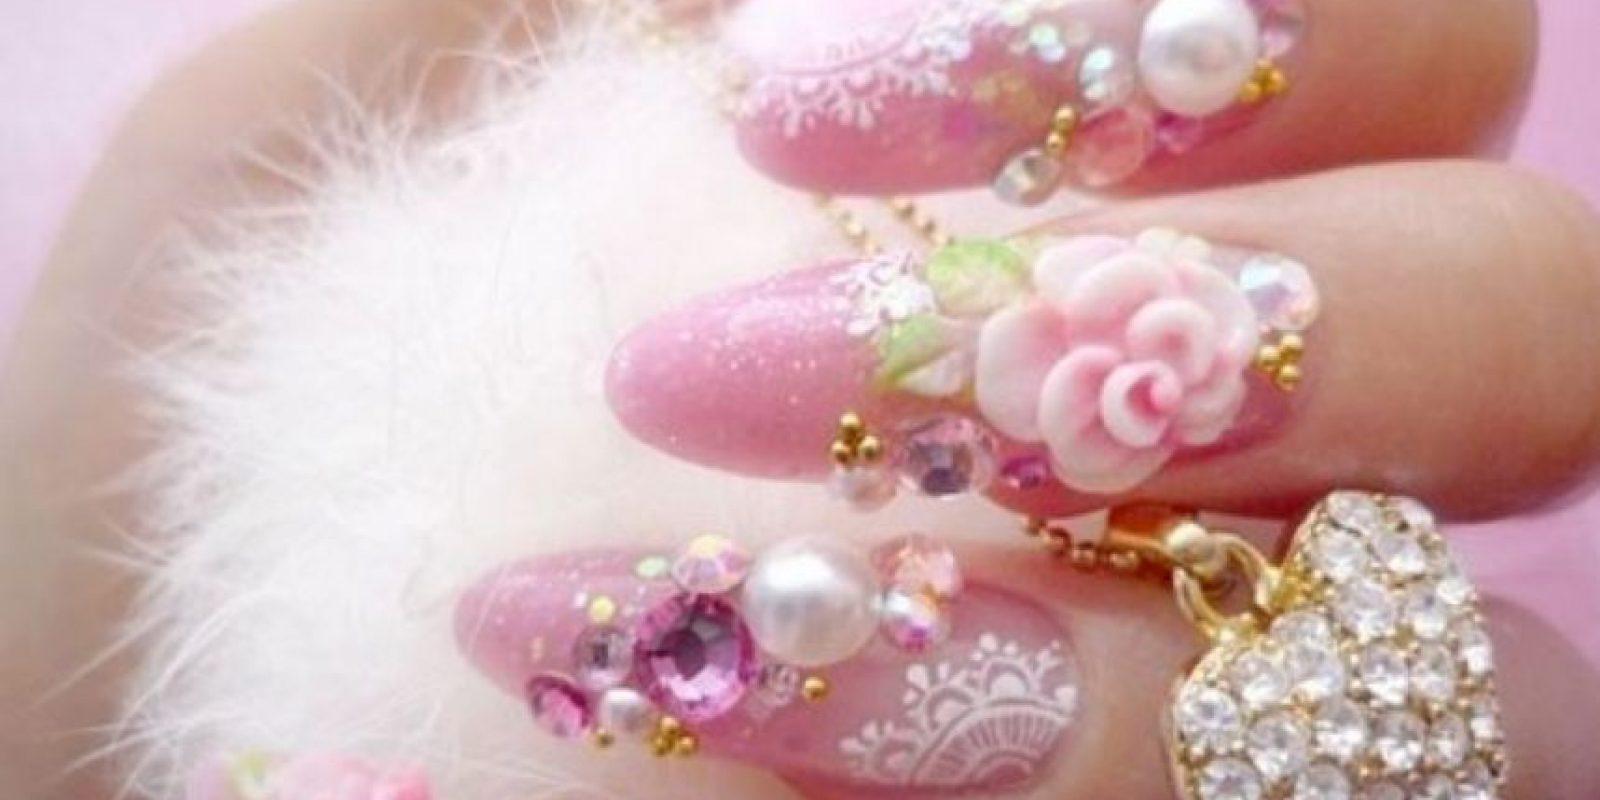 Las uñas llegaron a tener miles de artificios que si bien creaban obras de dudoso gusto, también eran una muestra de cómo se podía evolucionar en el arte de las uñas artificiales. Foto:Pinterest